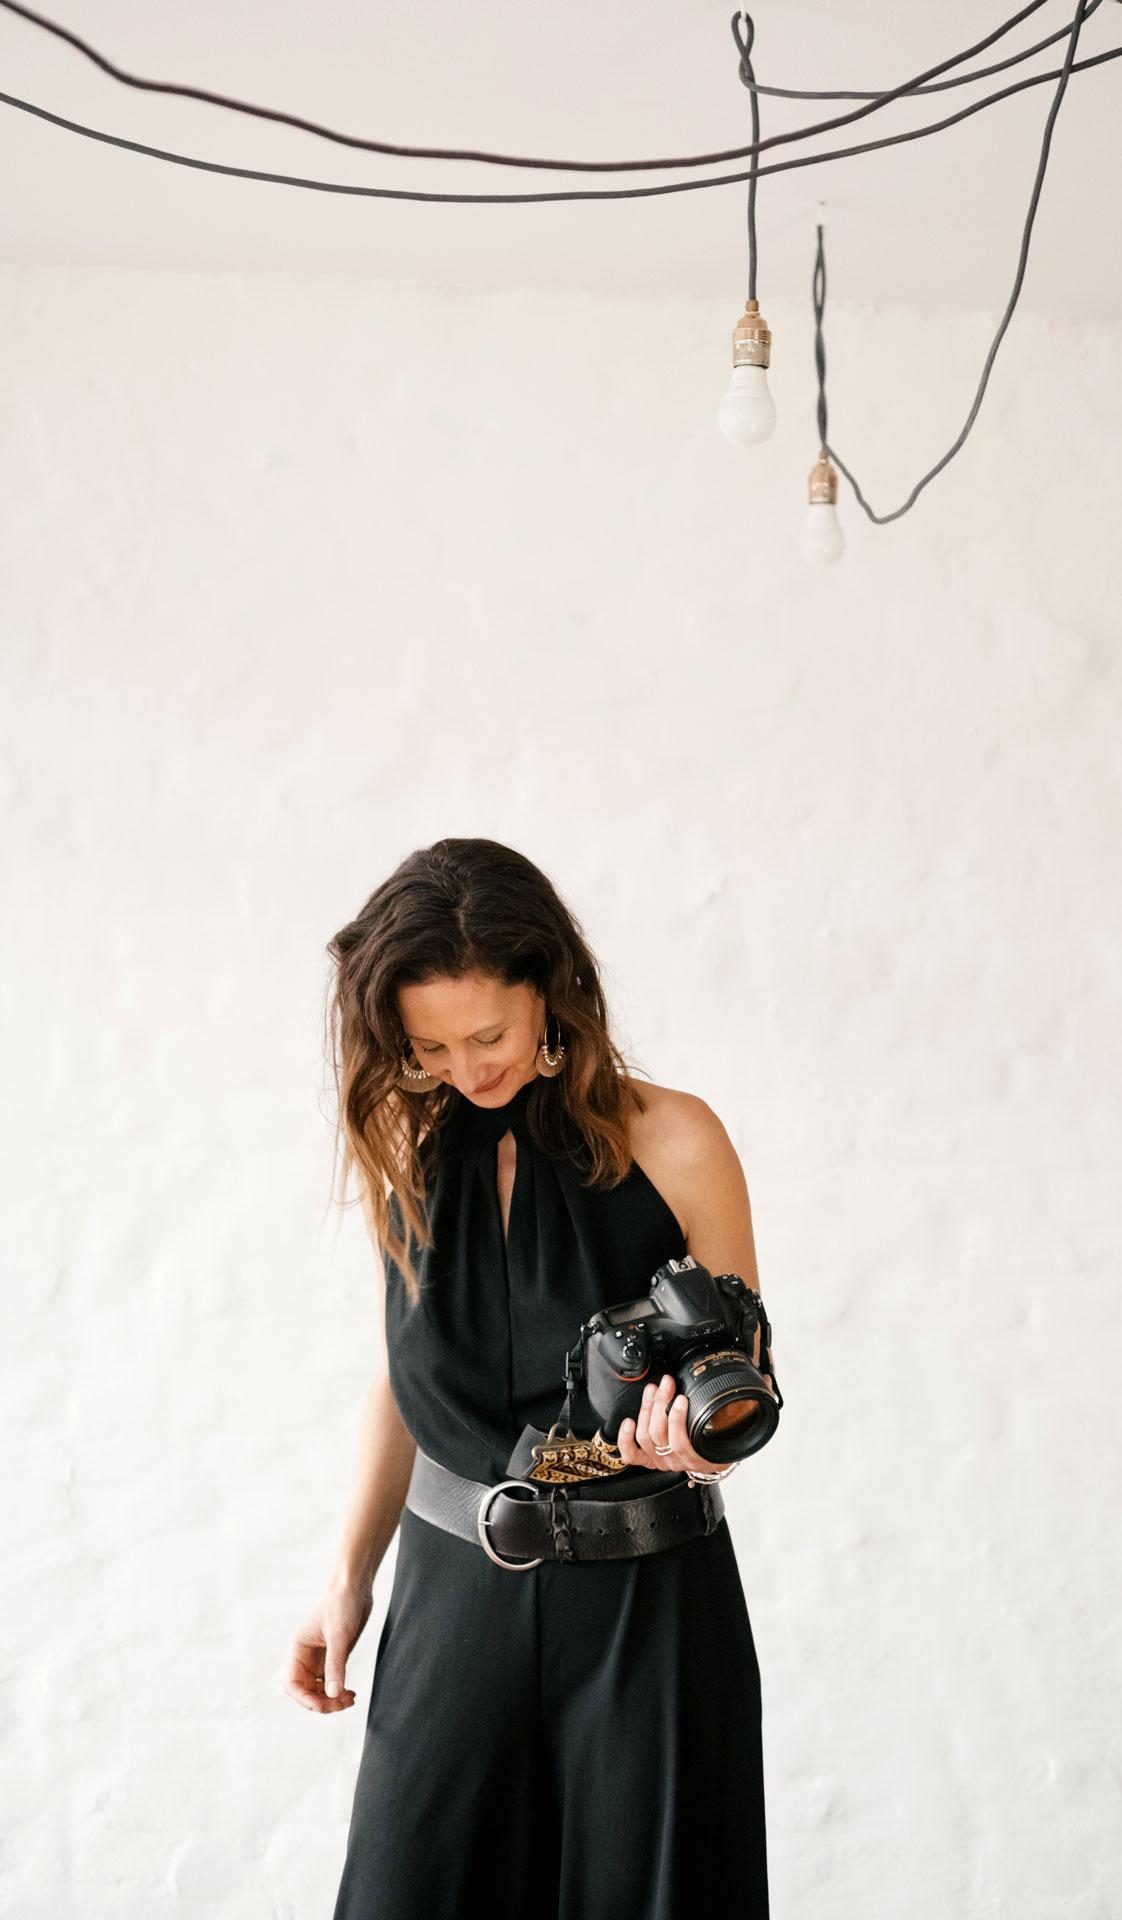 Stefanie Businessfotografin Ueber Mich 2